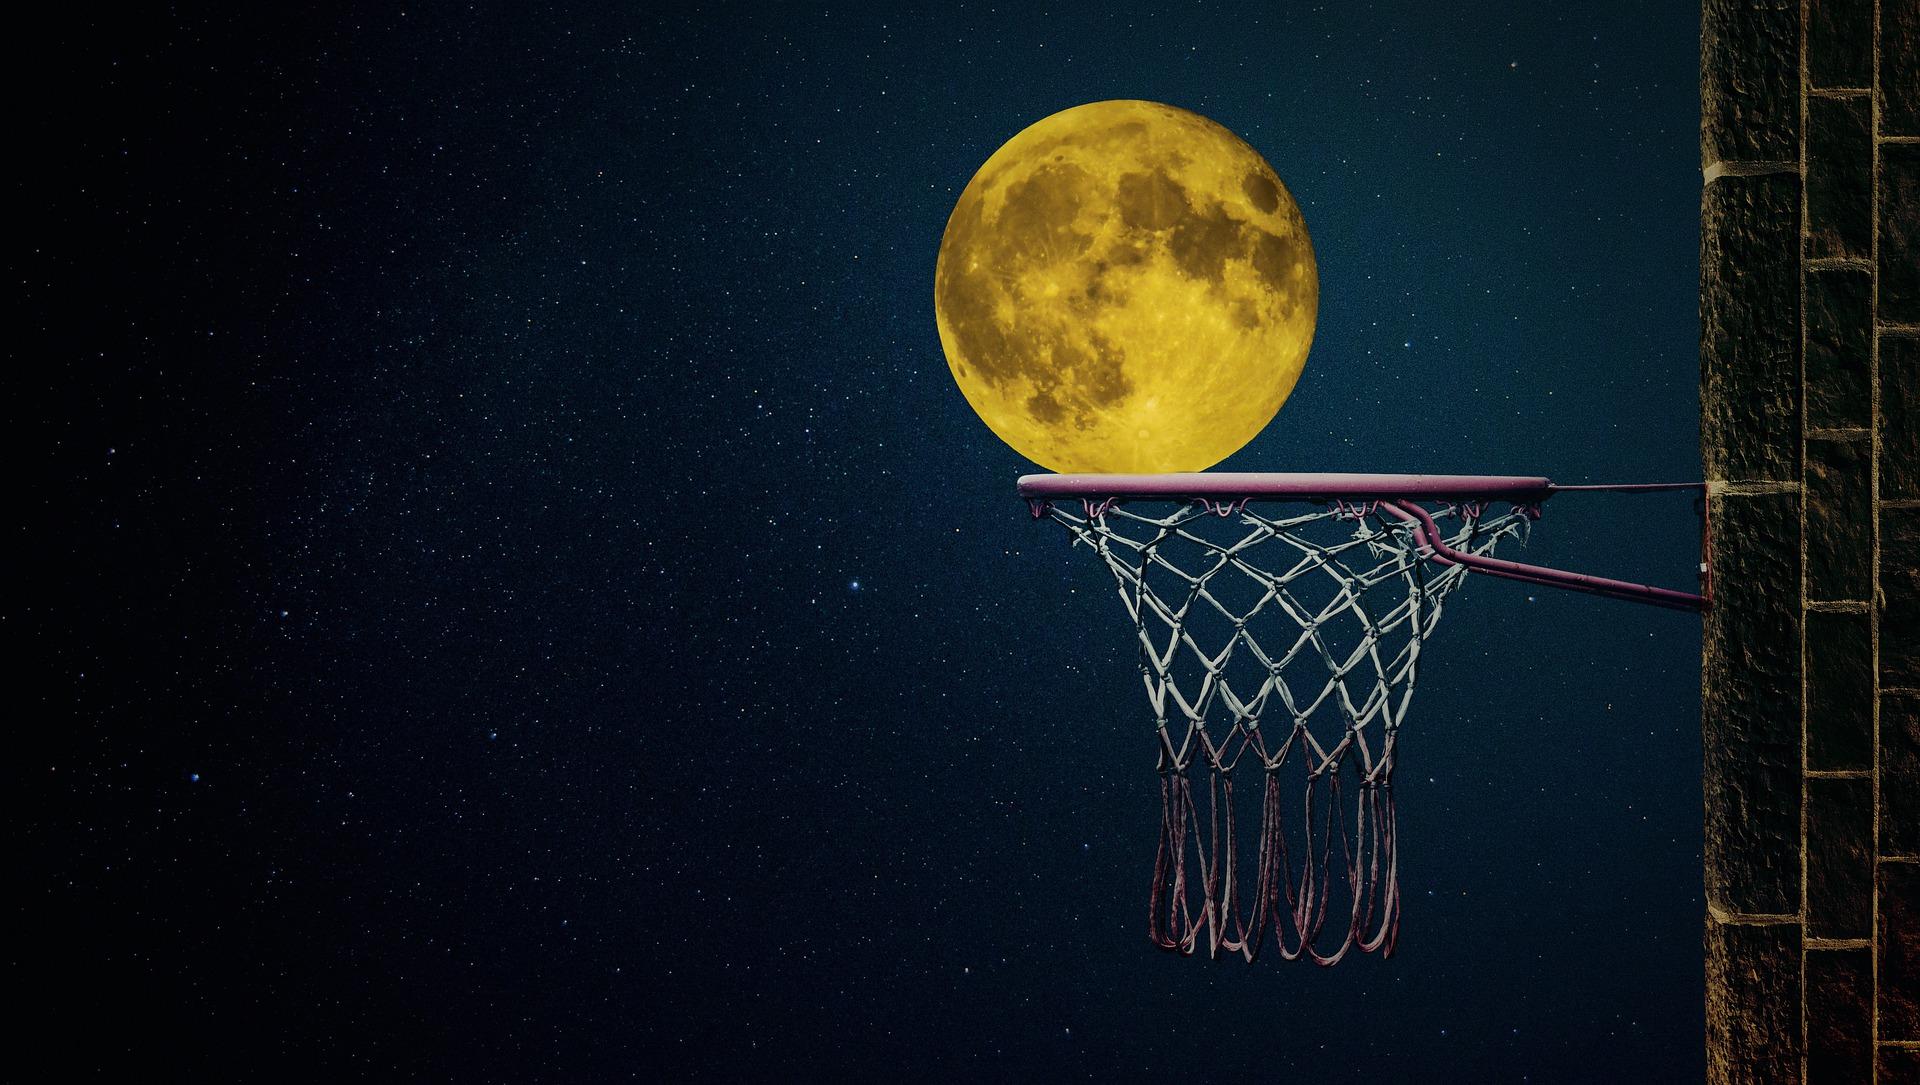 Kuvituskuva: koripalloteline, jonne on tipahtamassa kuu taivaalta